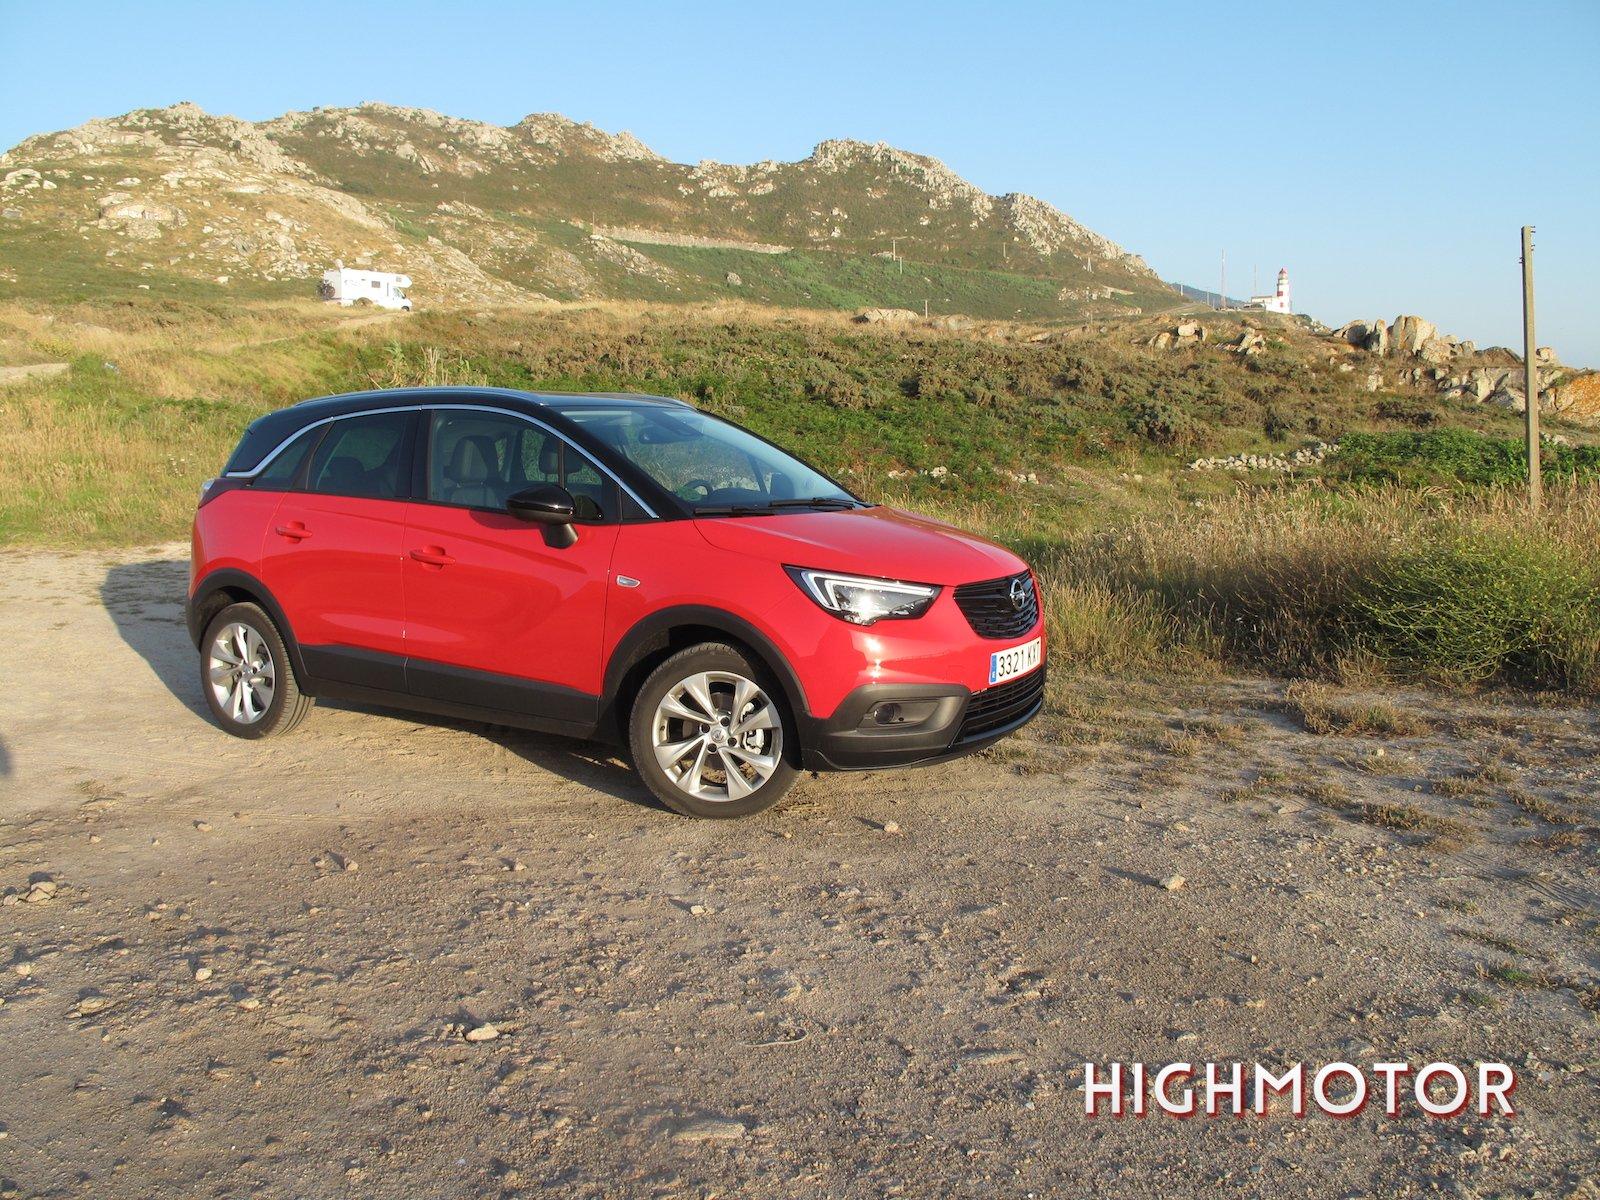 Prueba Opel Crossland X23